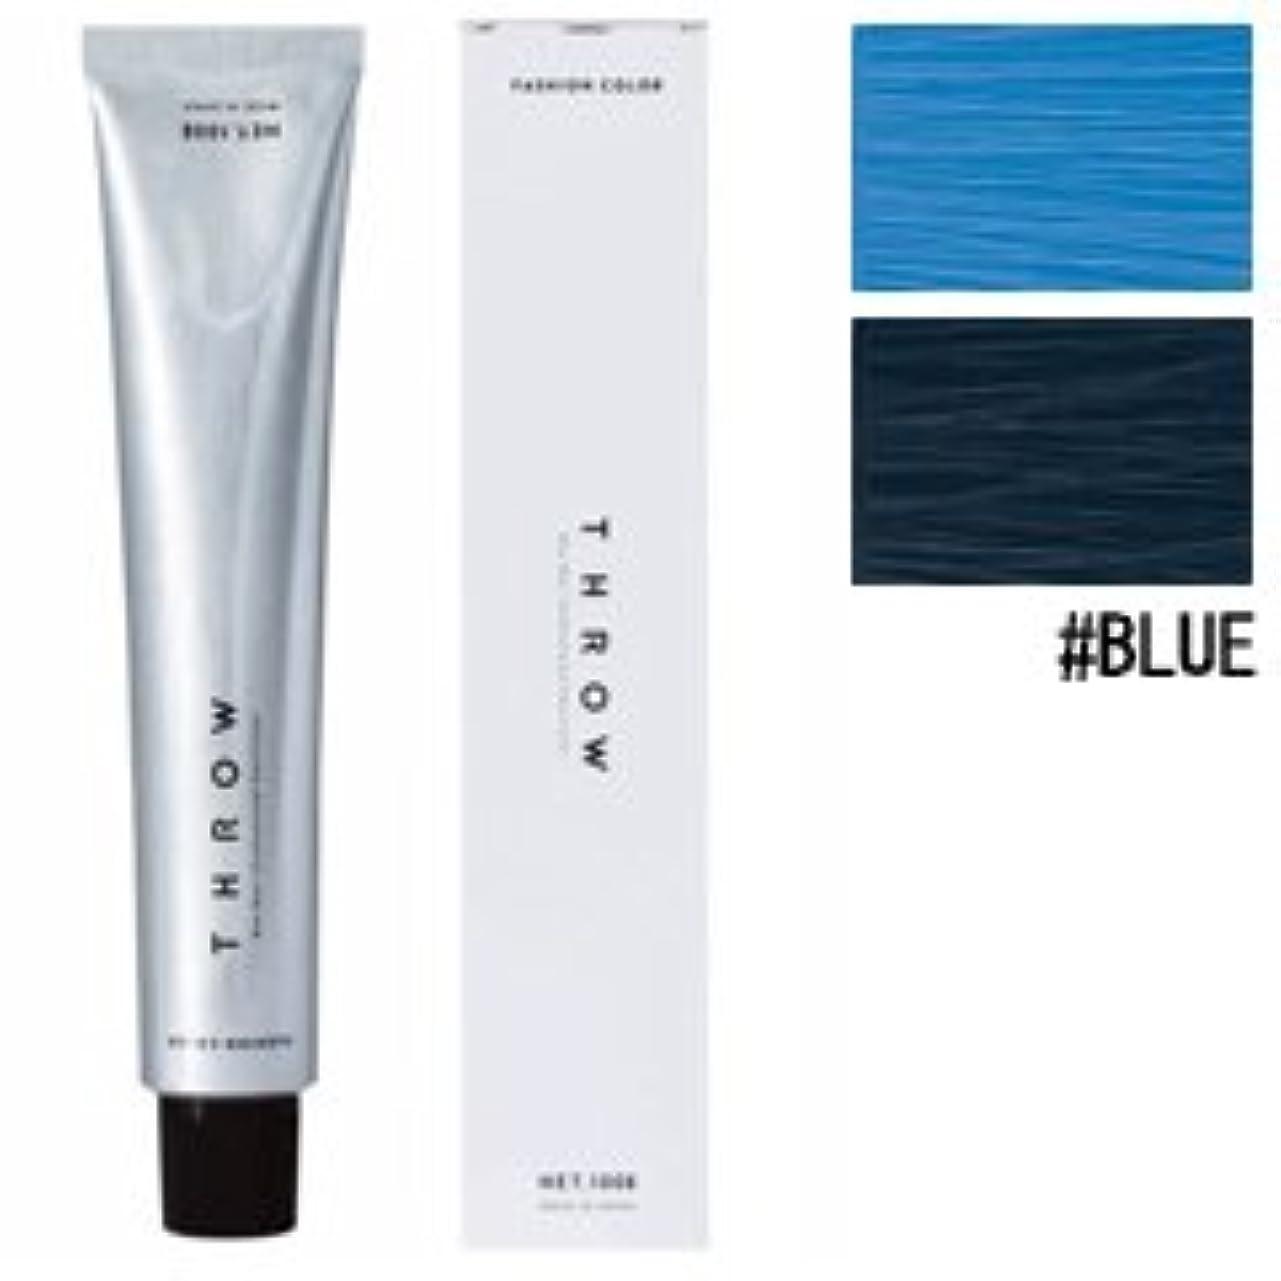 ナンセンス繁雑ミルク【モルトベーネ】スロウ ファッションカラー #BLUE 100g